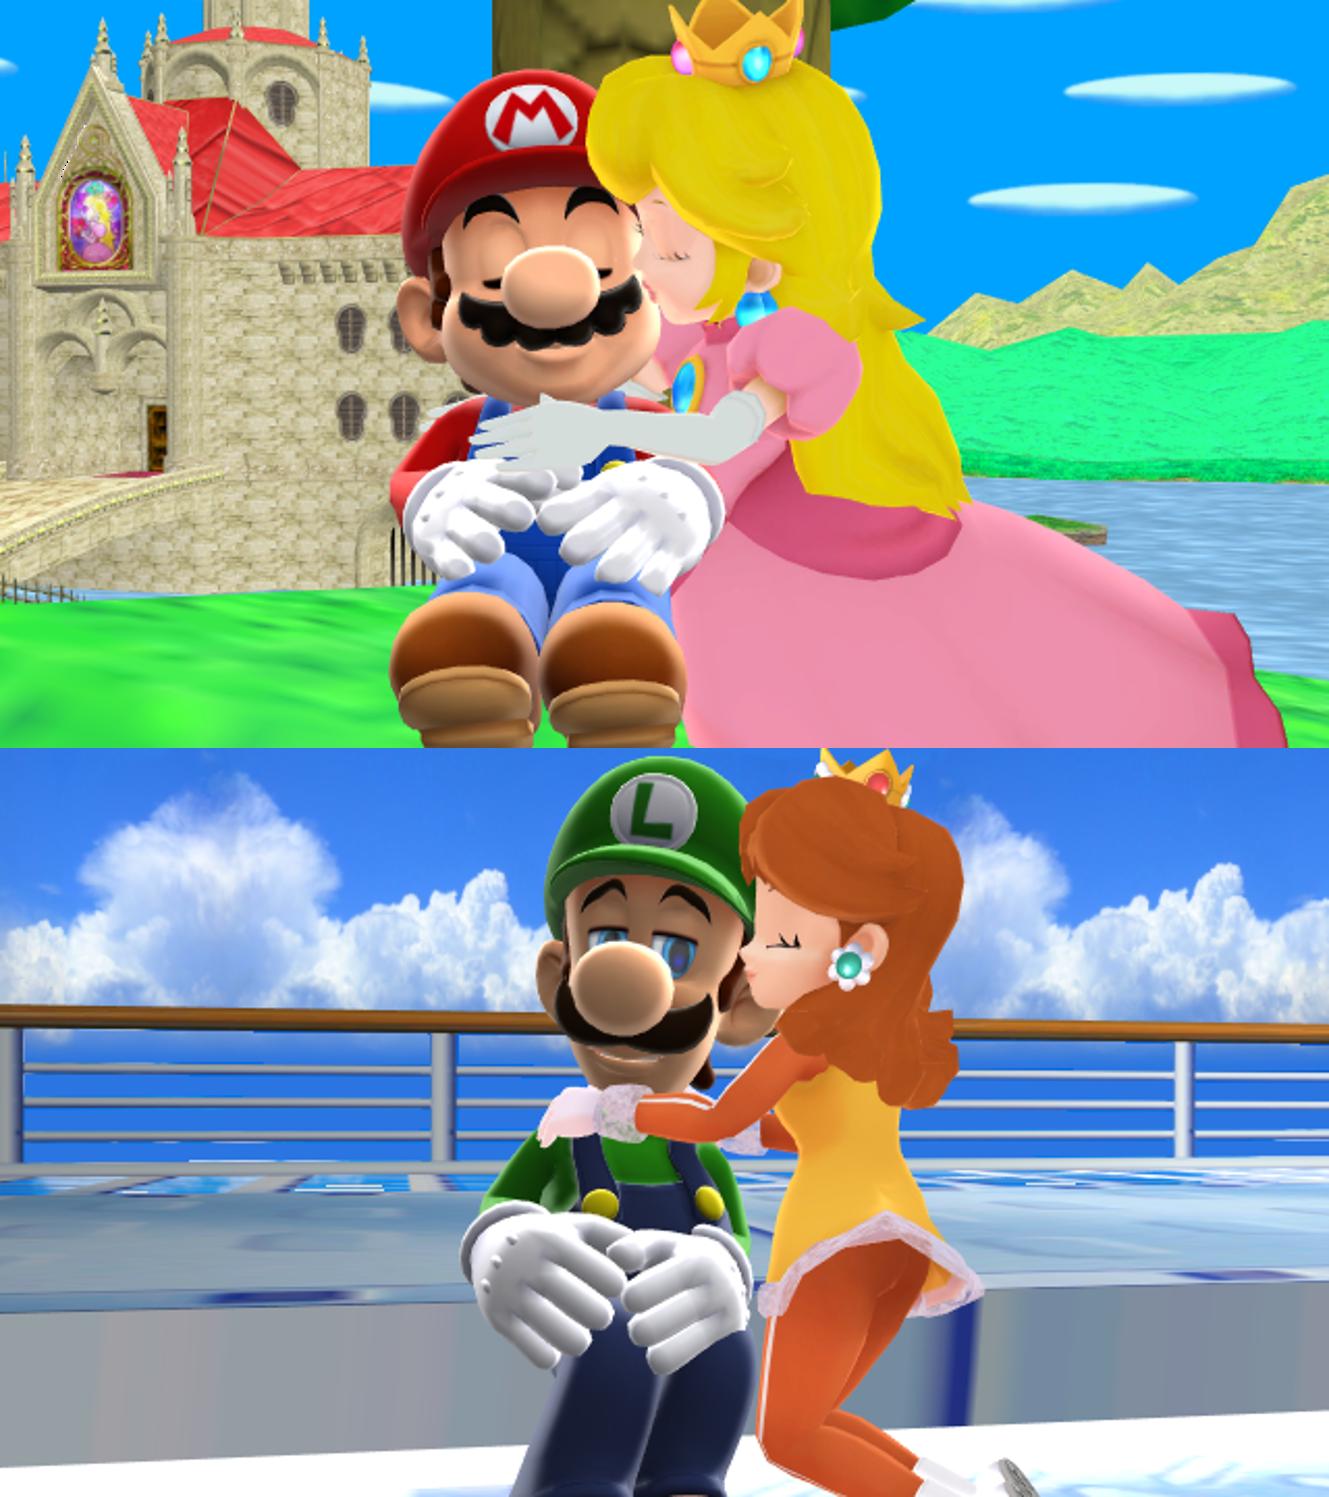 Mario x pêche, peach and Luigi marguerite, daisy MMD l'amour